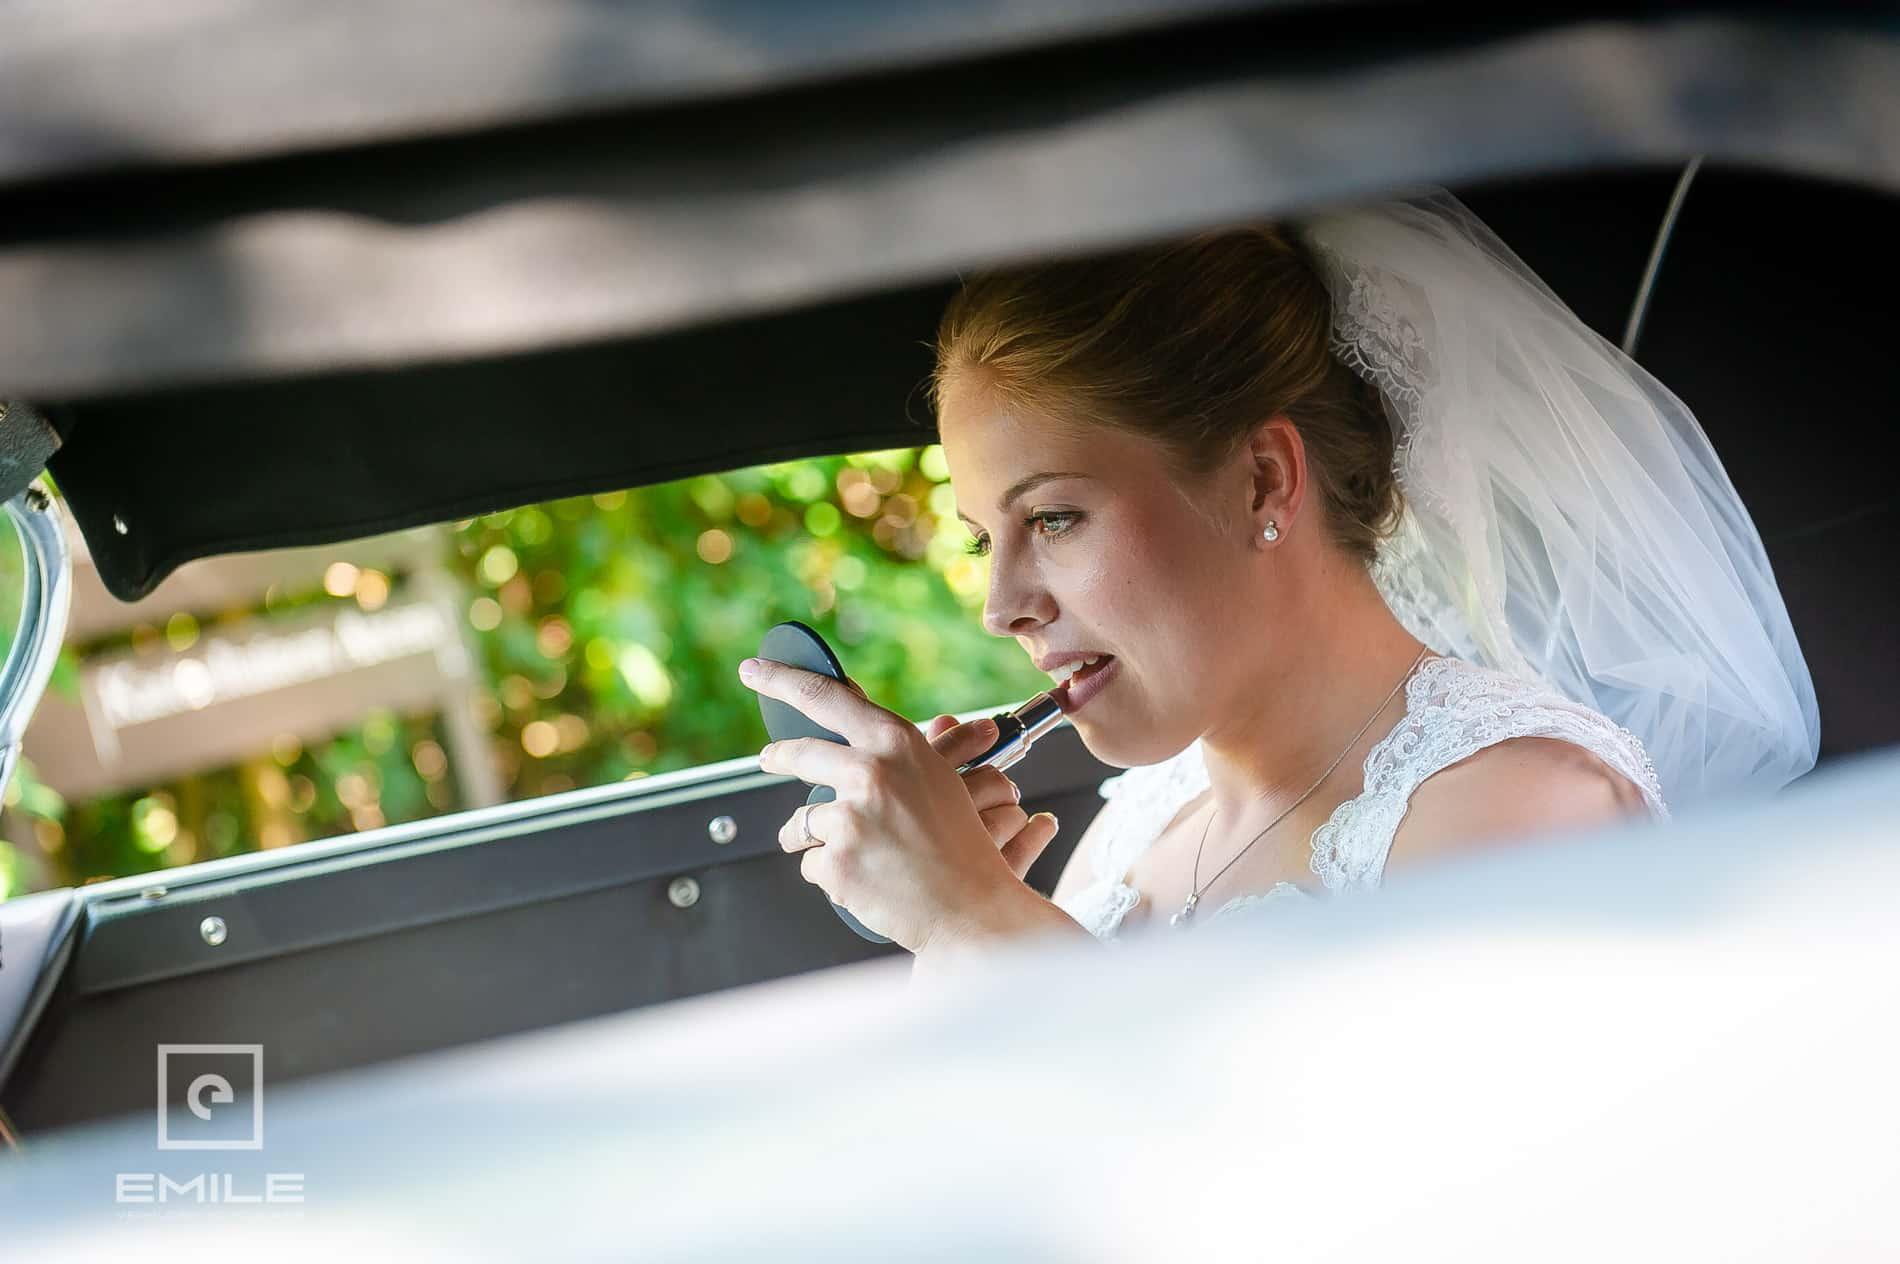 De bruid doet lippenstift op haar lippen. Bruidsfotograaf bij Kasteeltuinen Arcen